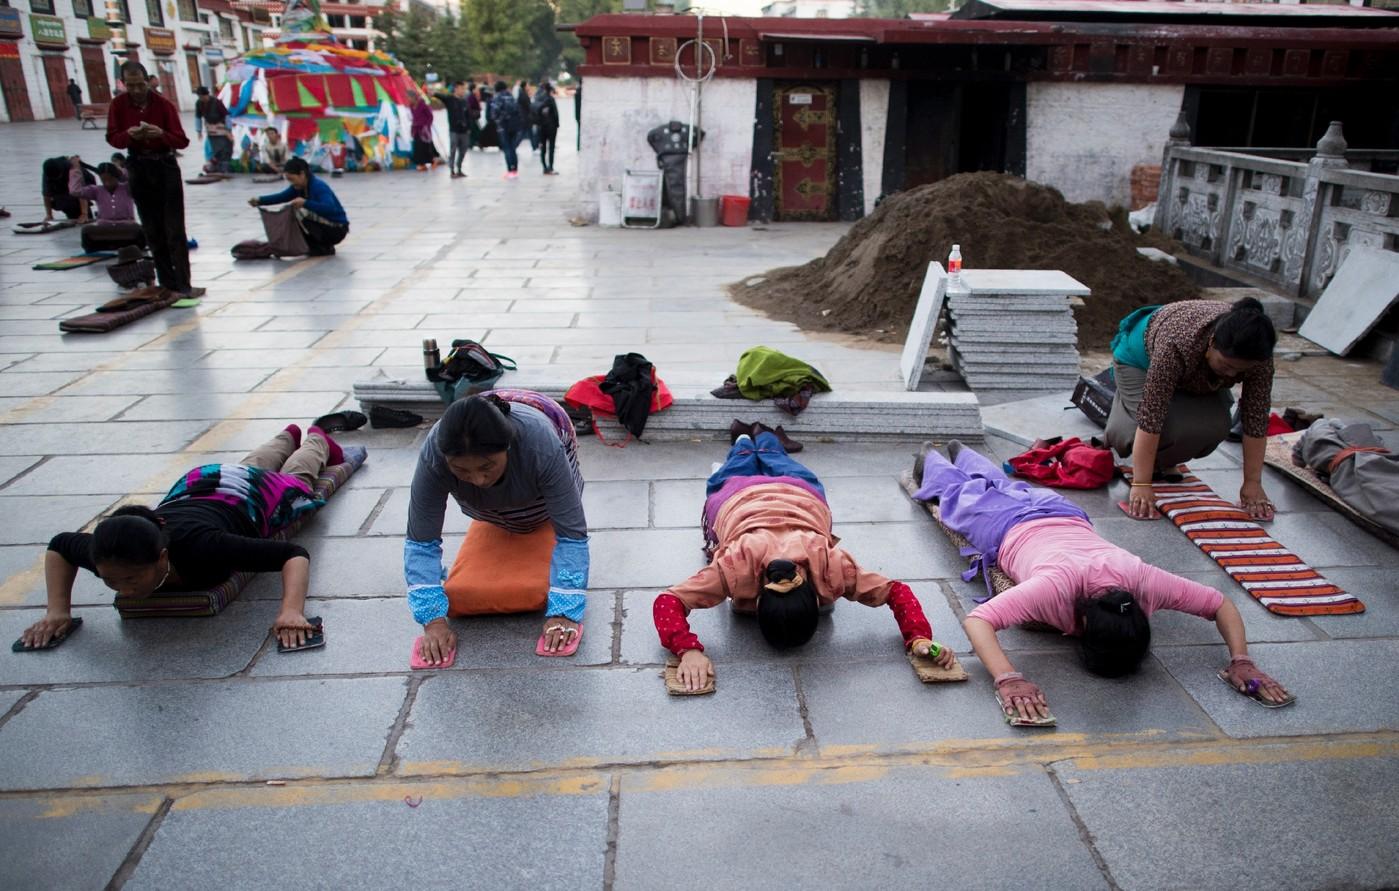 pourquoi les musulmans se prosternent t ils pour prier ? - Page 3 Fideles-prosternent-devant-temple-Jokhang-10-septembre-2016-Lhassa_1_1400_891